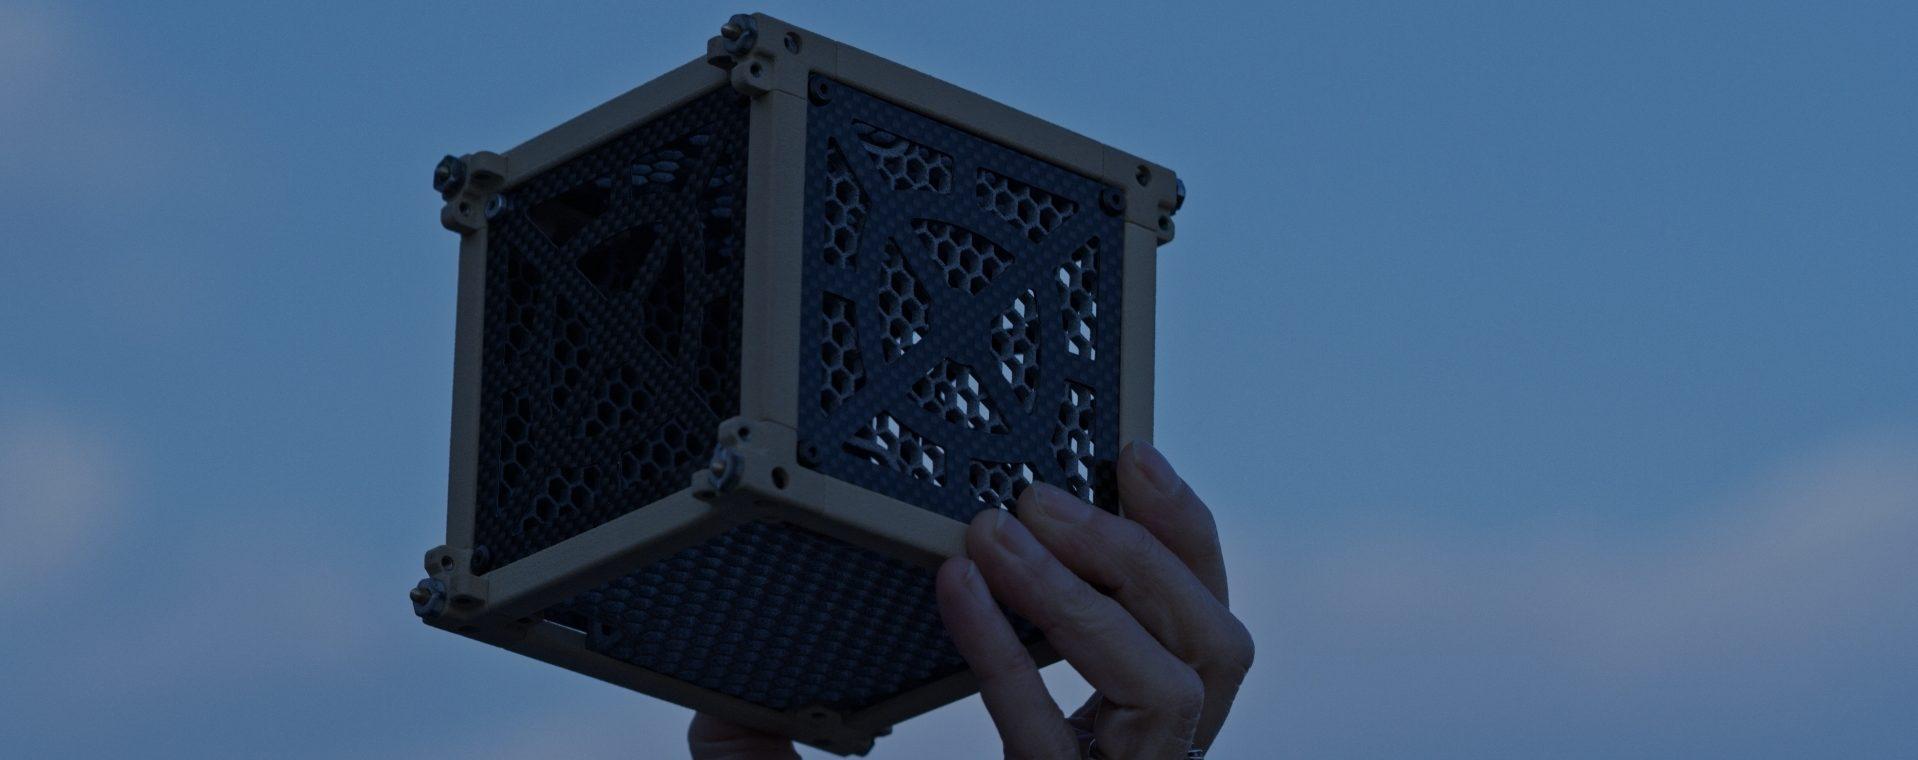 Si parla di spazio, telecomunicazioni e nanosatelliti nel primo episodio di TECH STORIES